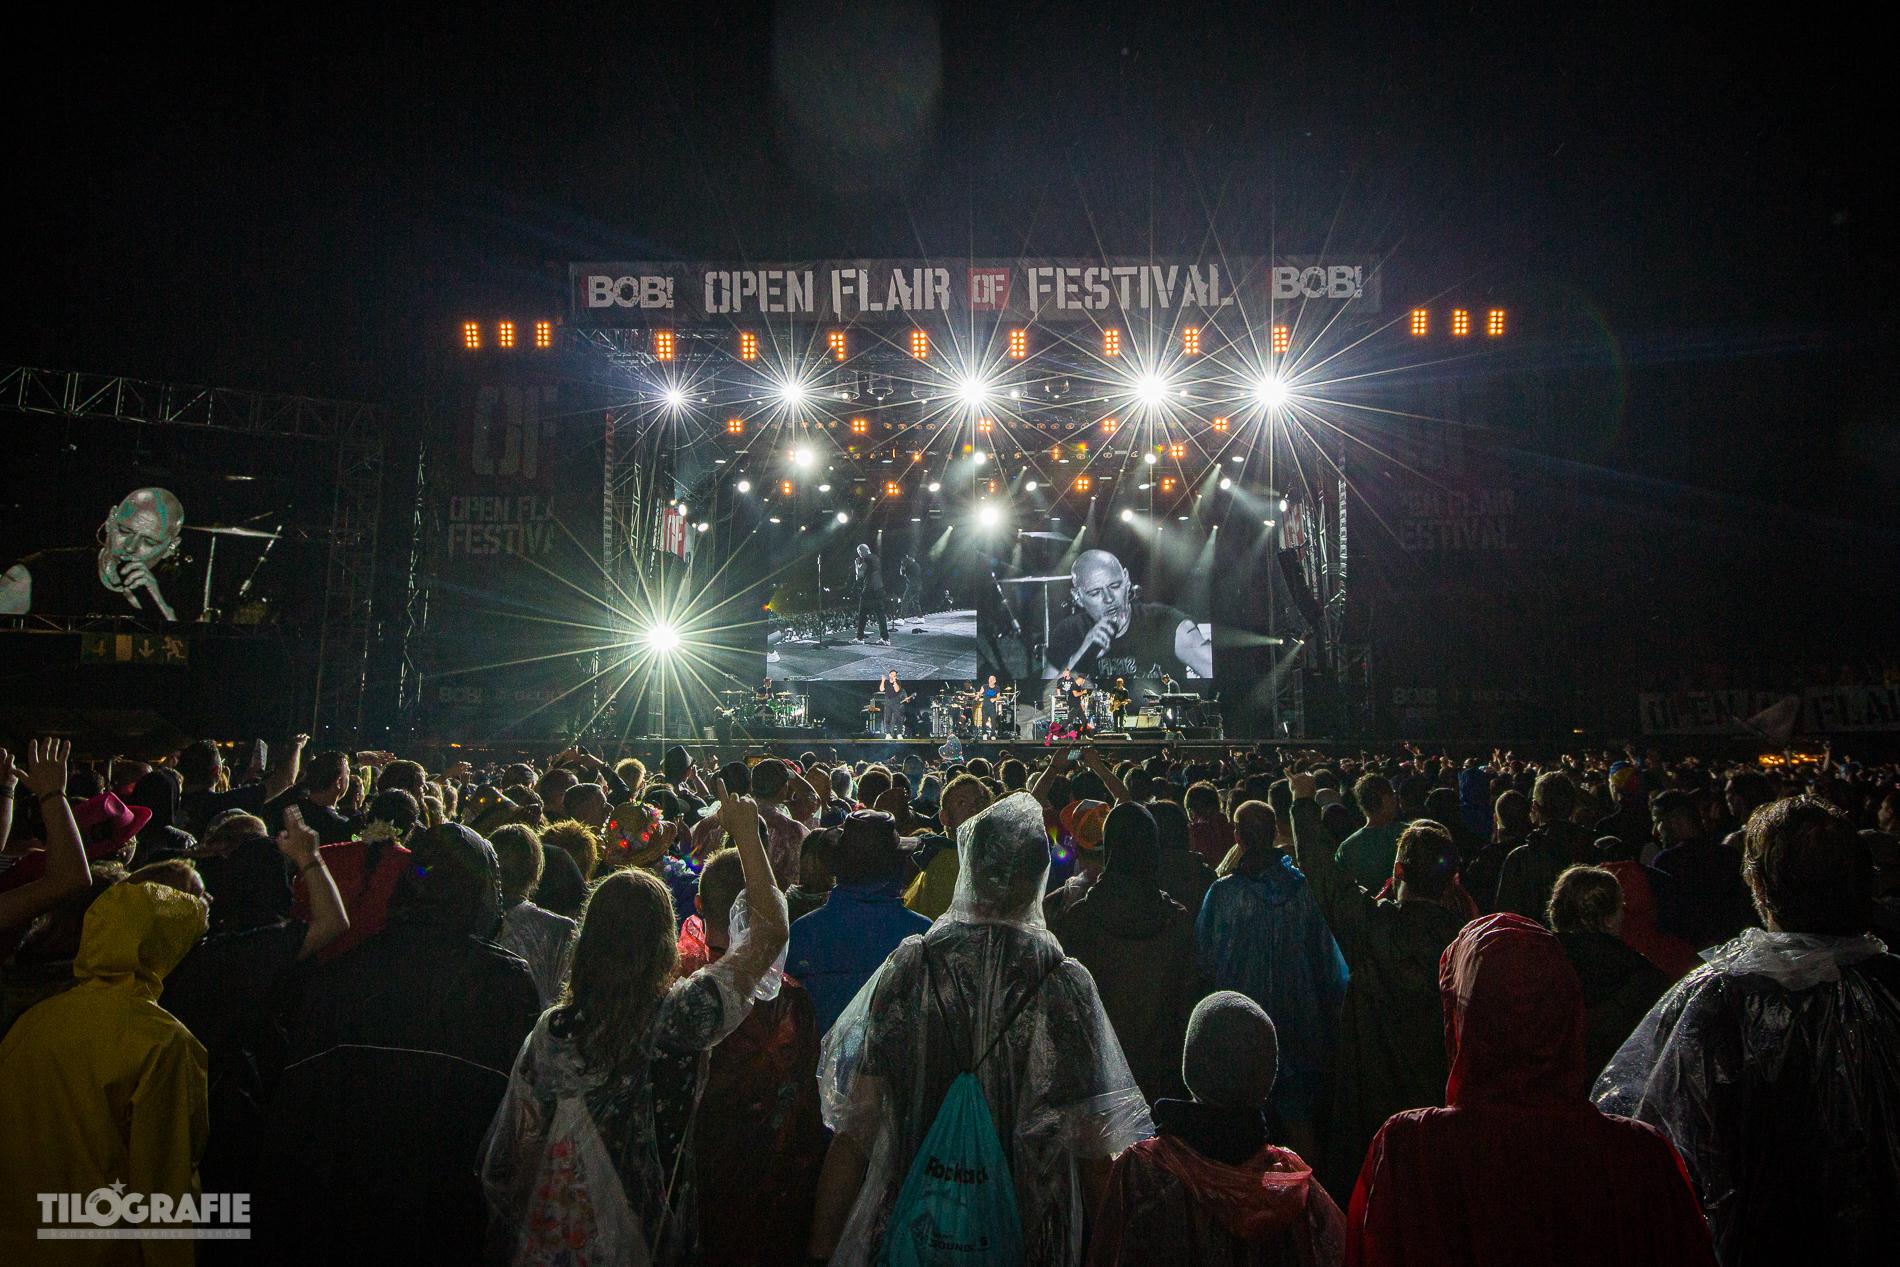 Open-Flair-Festival-2019-Fotos-Tilo-Klein-68A3847